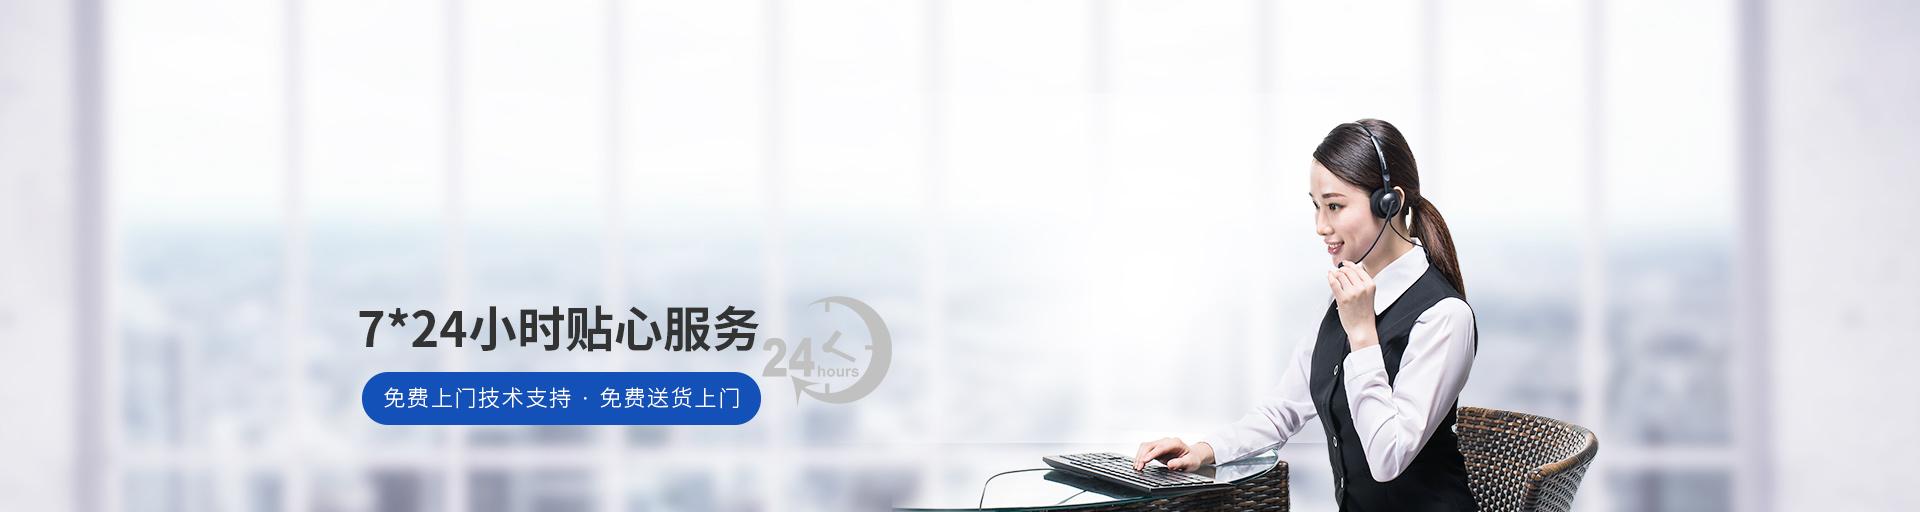 捷辉创-7*24小时贴心服务,免费上门技术支持,免费送货上门